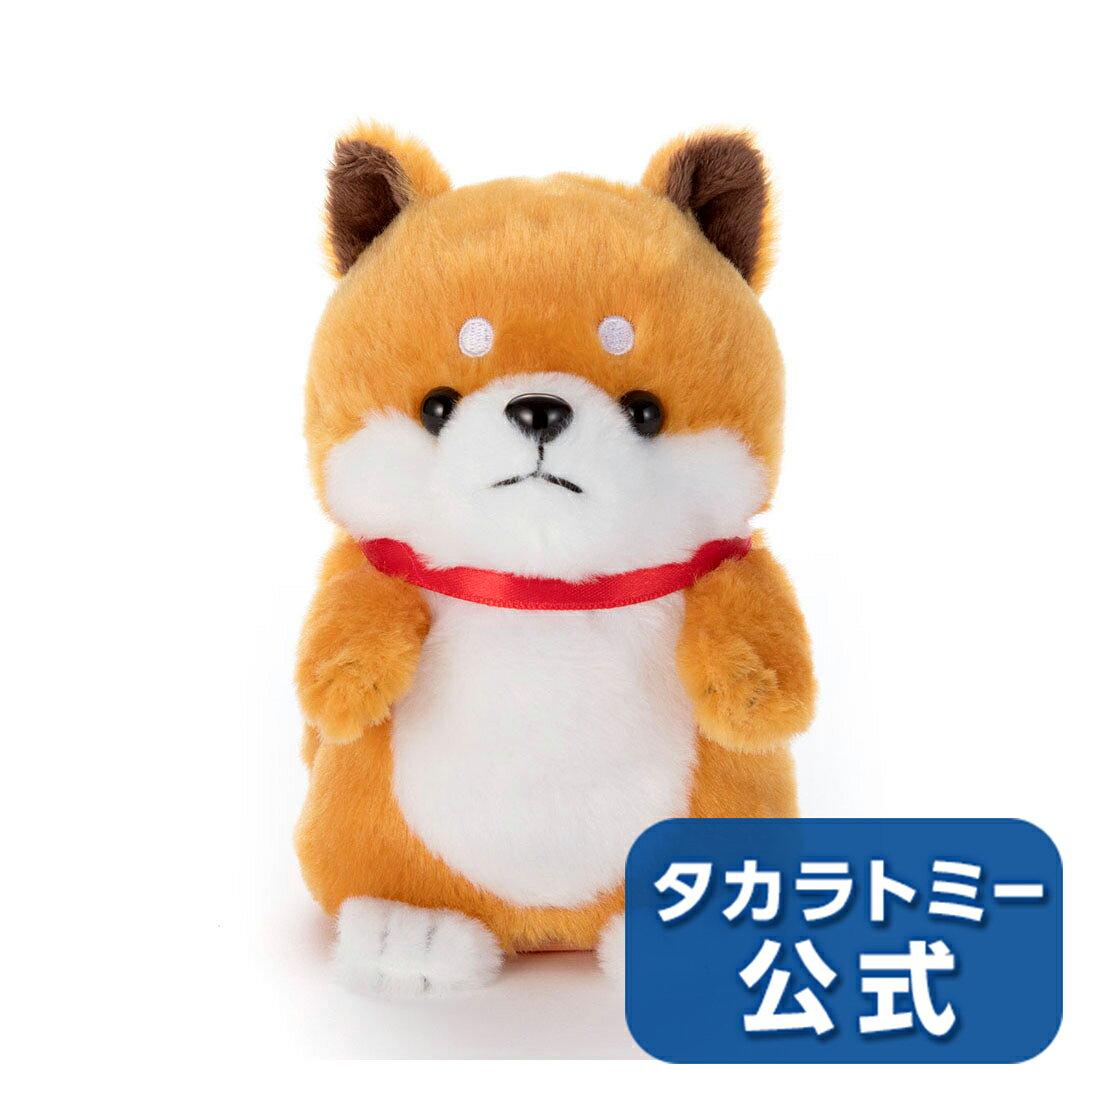 【1,000円OFFクーポン配布中!】ミミクリーペット和犬